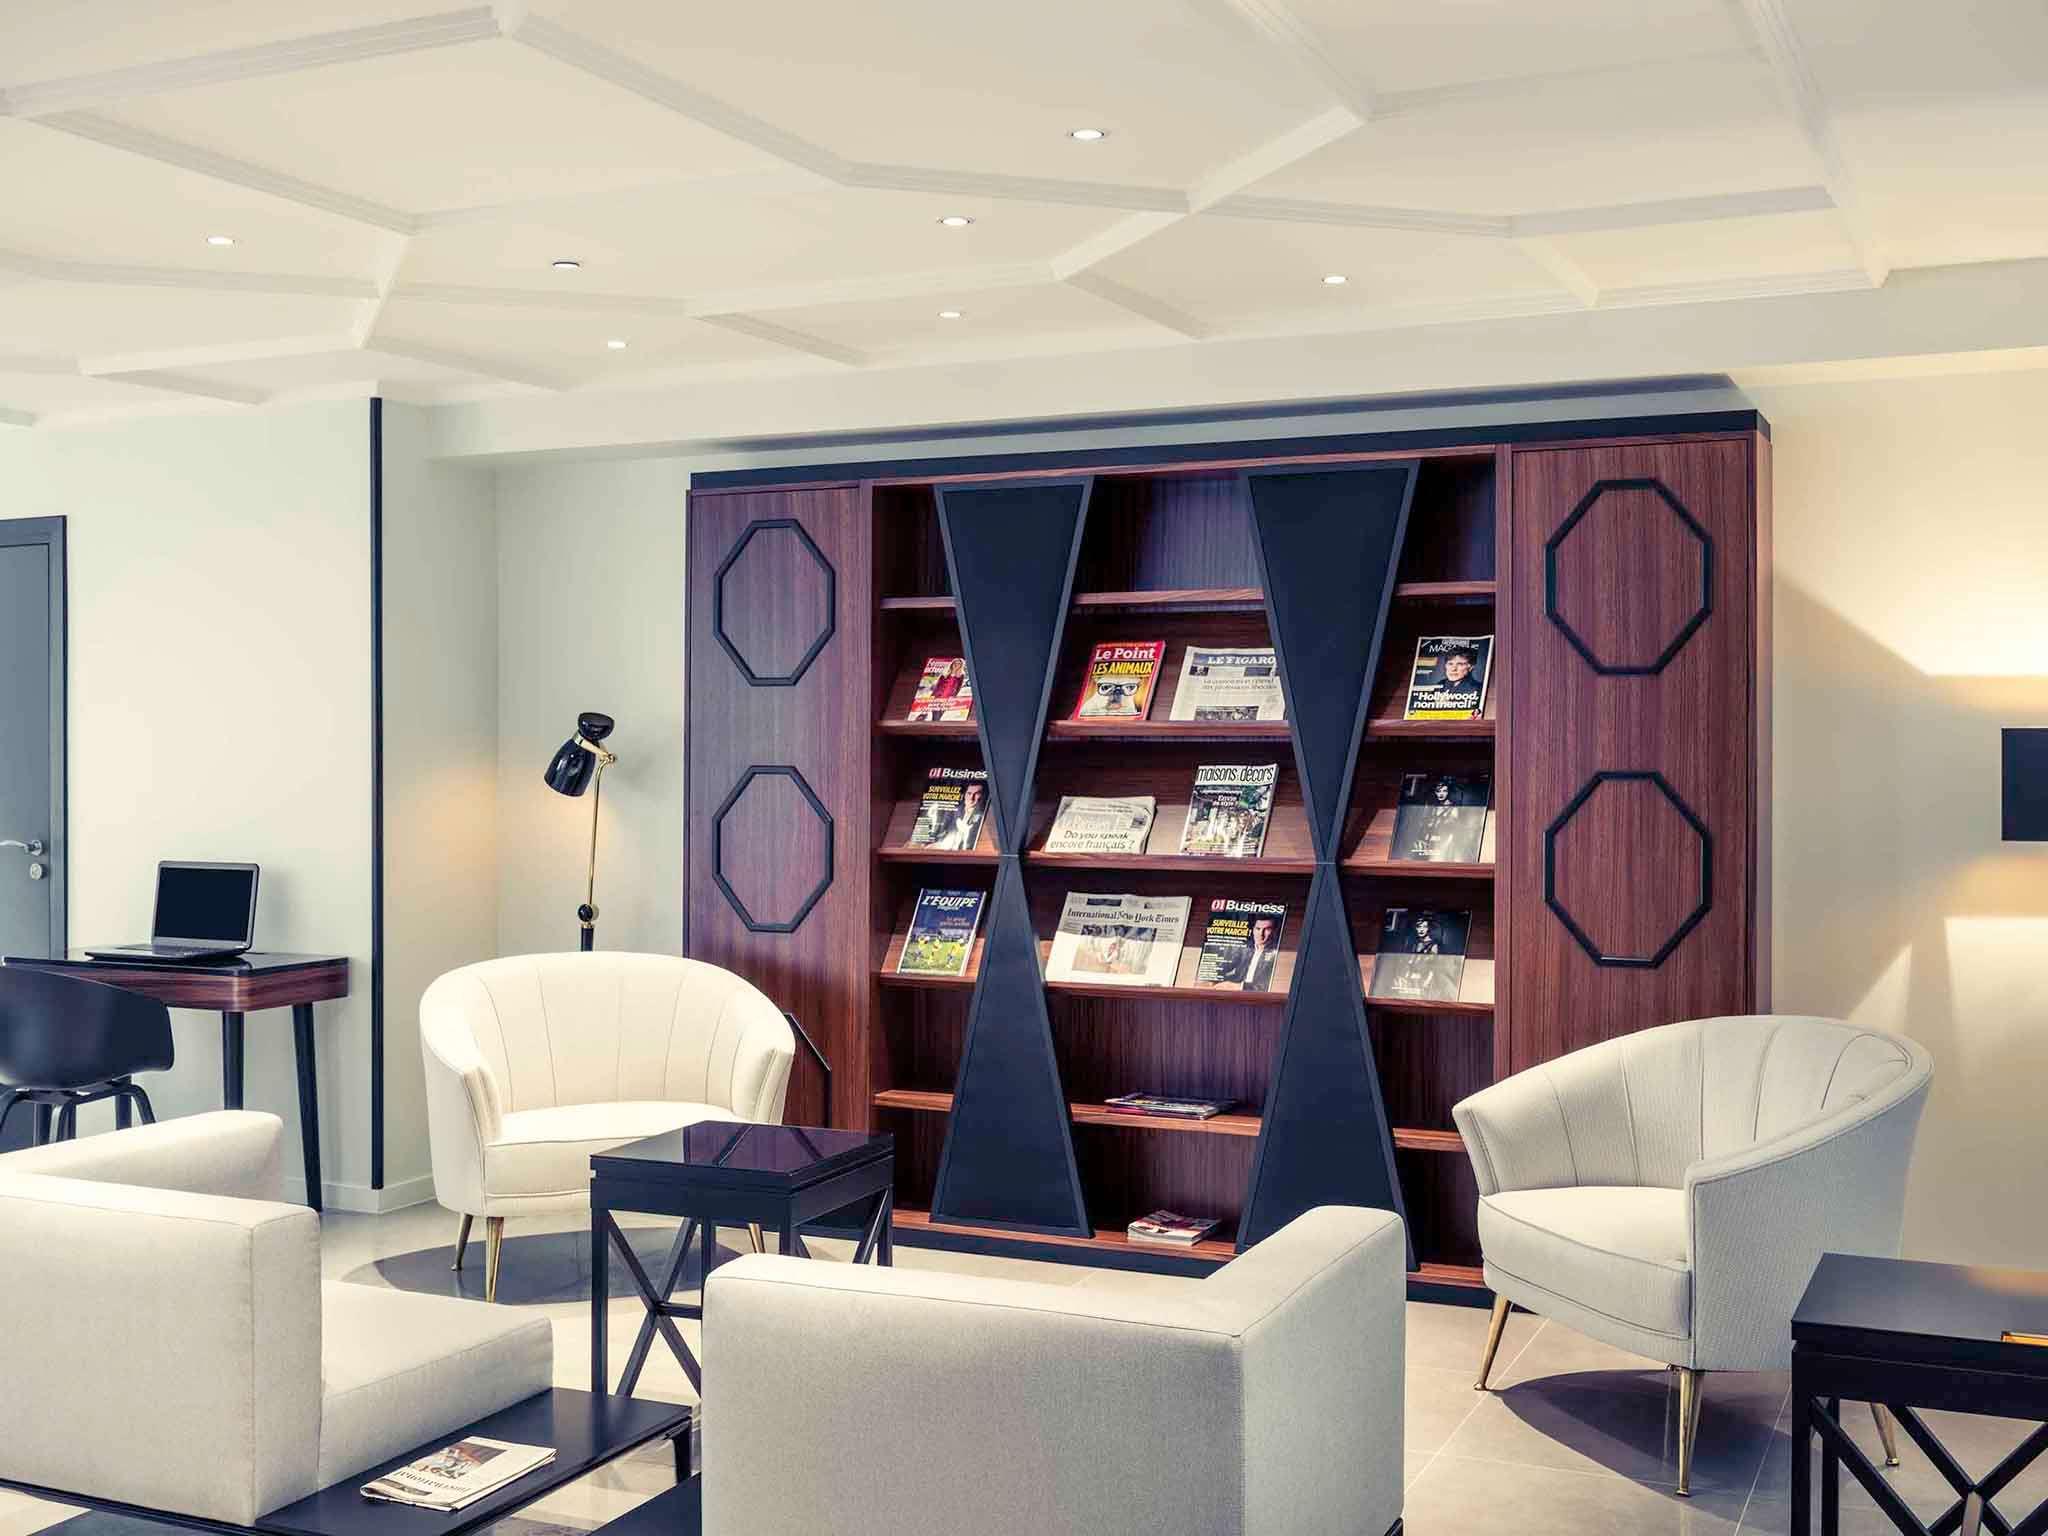 فندق - مركيور Mercure باريس آرك دو تريونف واغرام